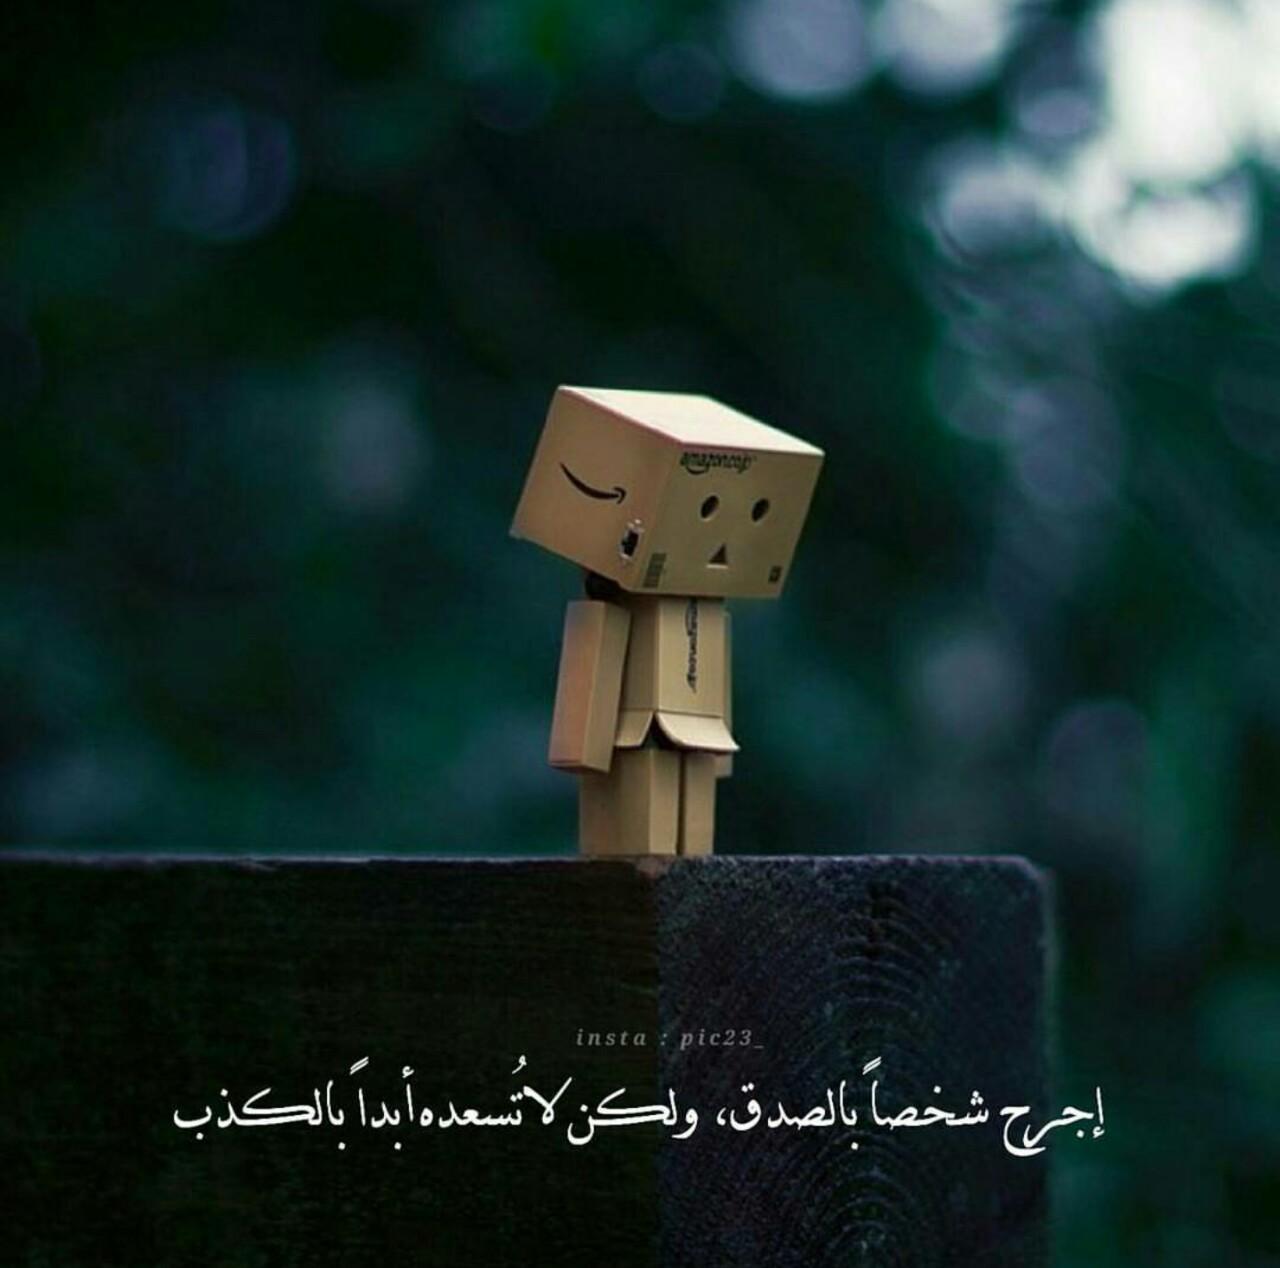 صور كلام حزن , صور ترمز للحزن الشديد